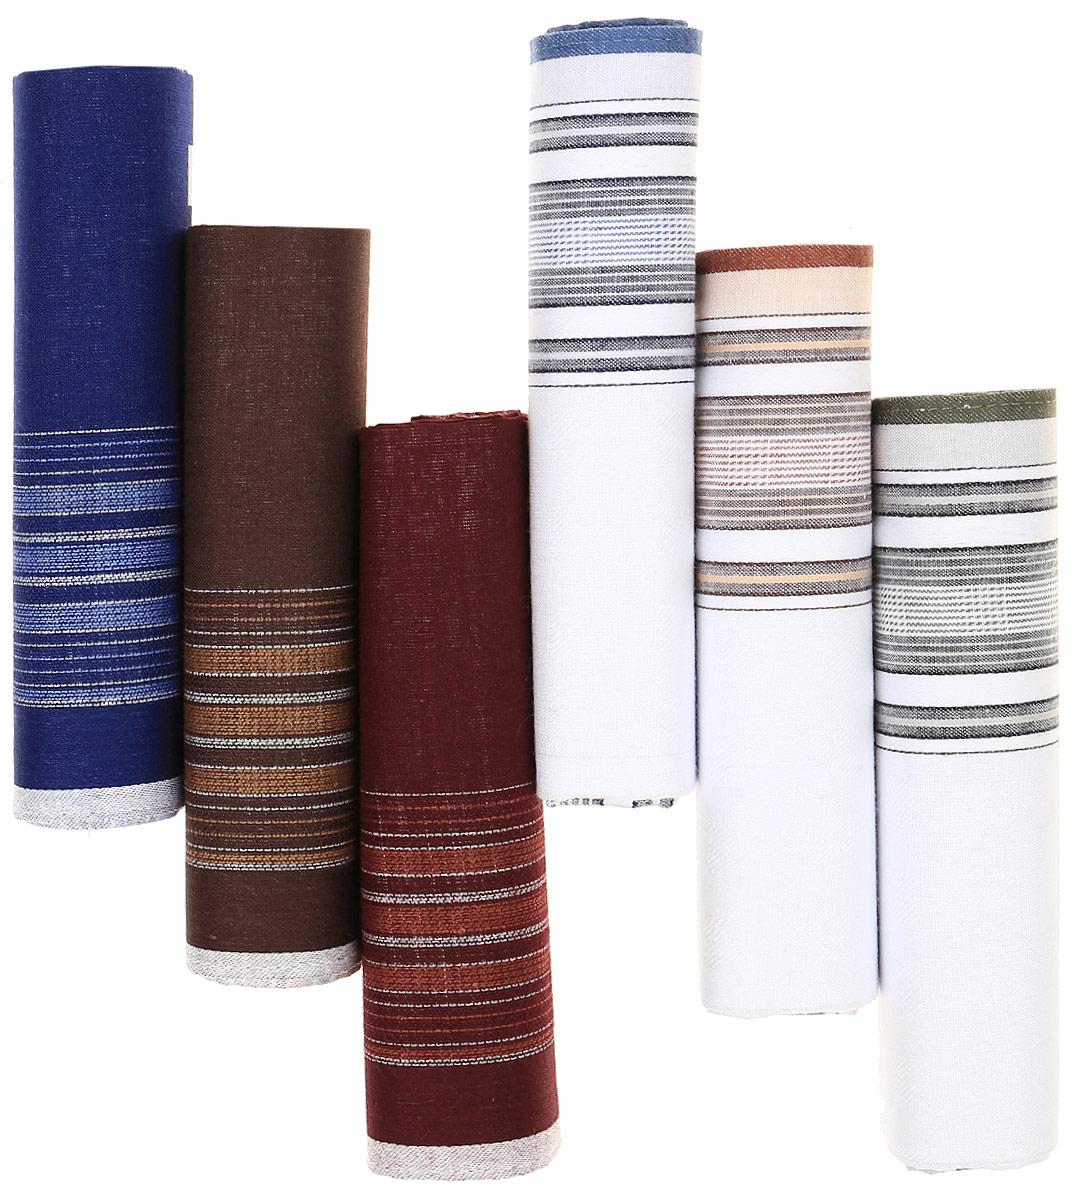 Платок носовой мужской Zlata Korunka, цвет: мультиколор, 6 шт. М37А. Размер 43 х 43 смМ37АМужские носовые платки Zlata Korunka изготовлены из натурального хлопка, приятны в использовании, хорошо стираются, материал не садится и отлично впитывает влагу. В упаковке 6 штук.